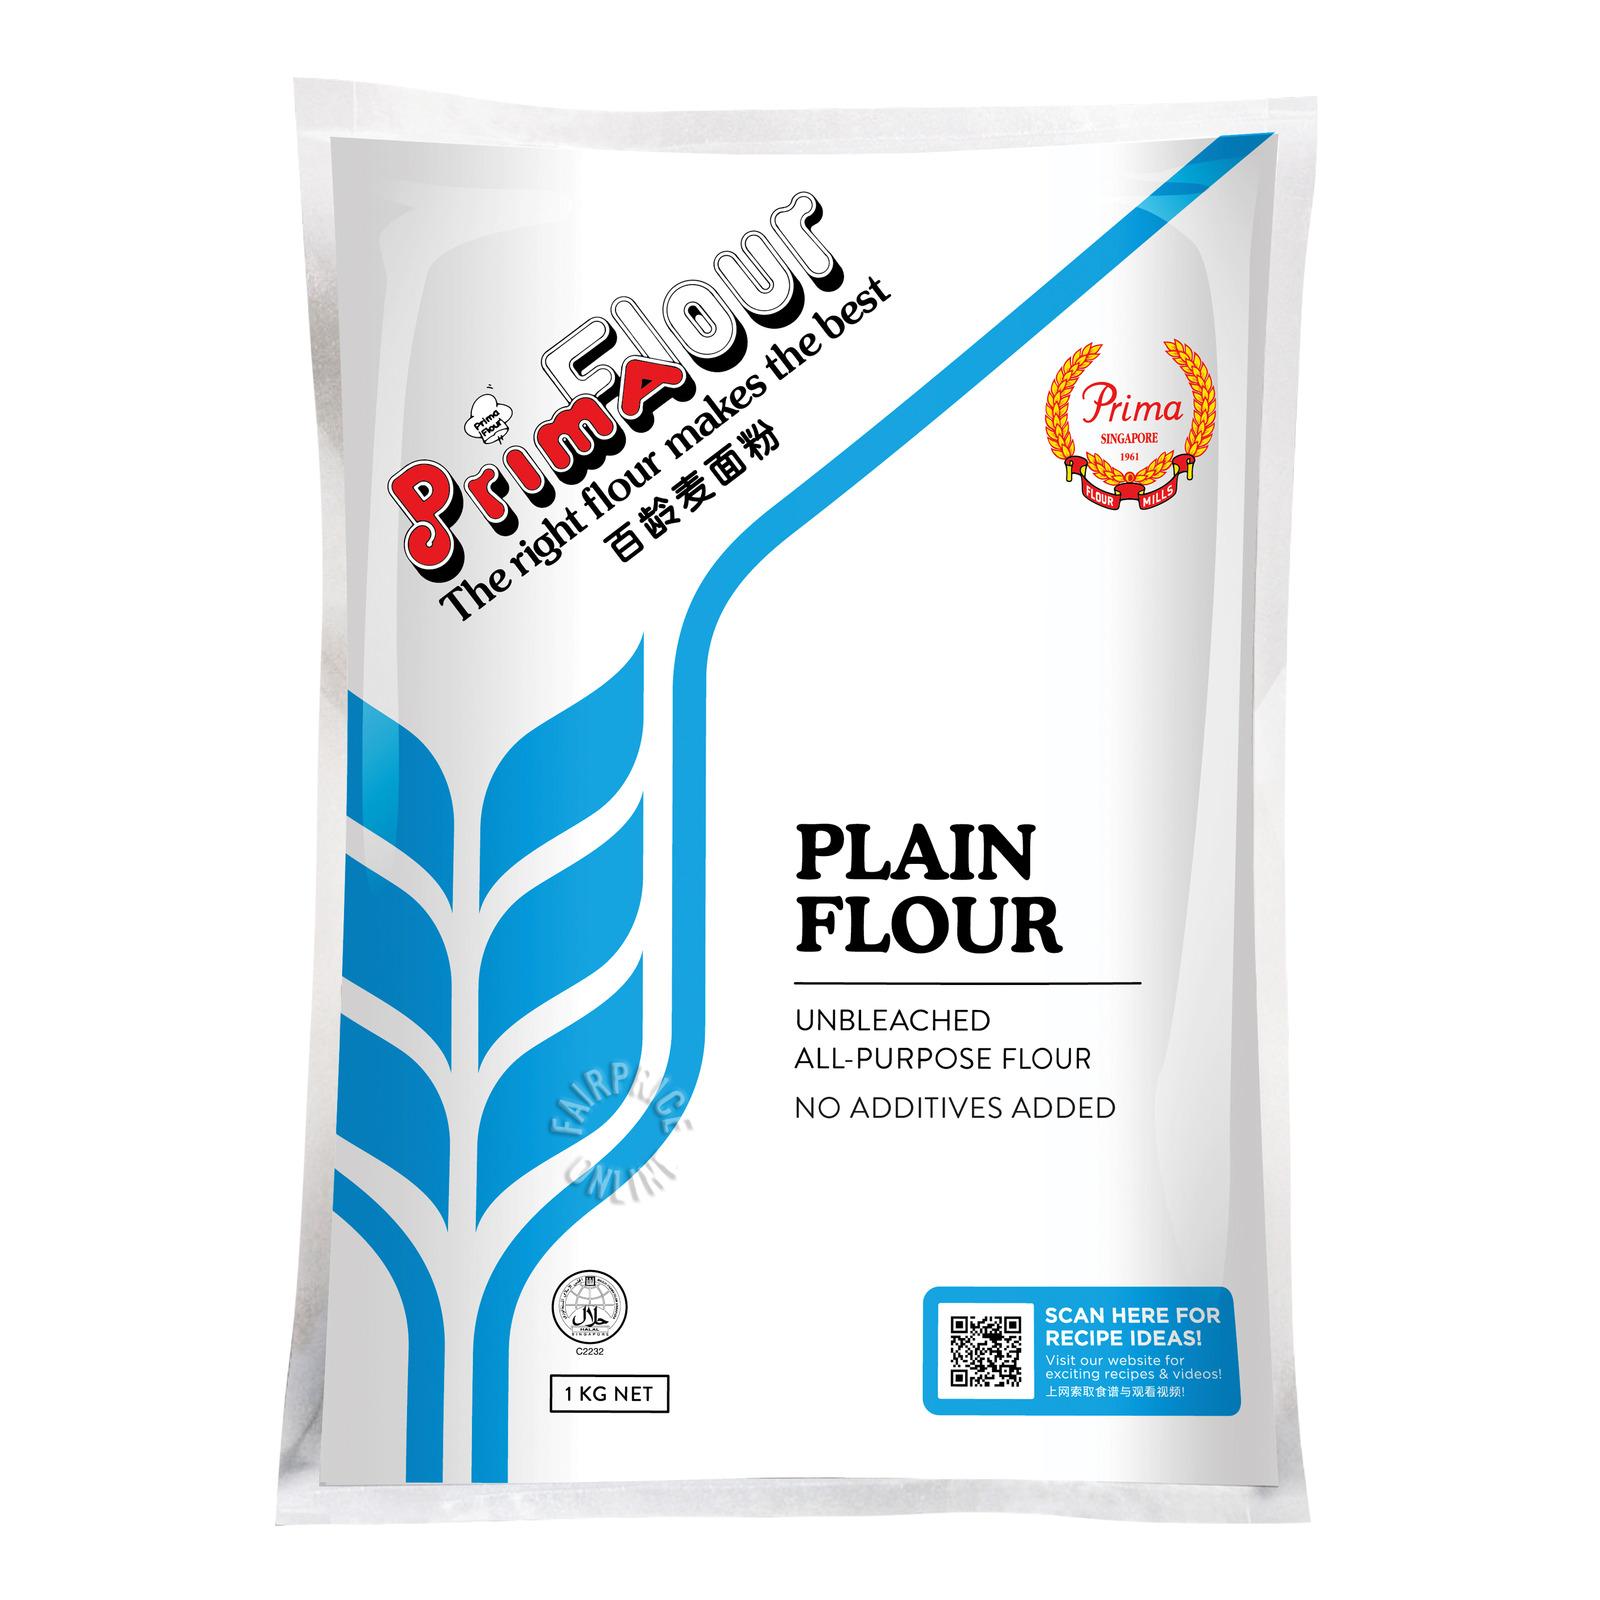 Prima Flour Packet Flour - Plain